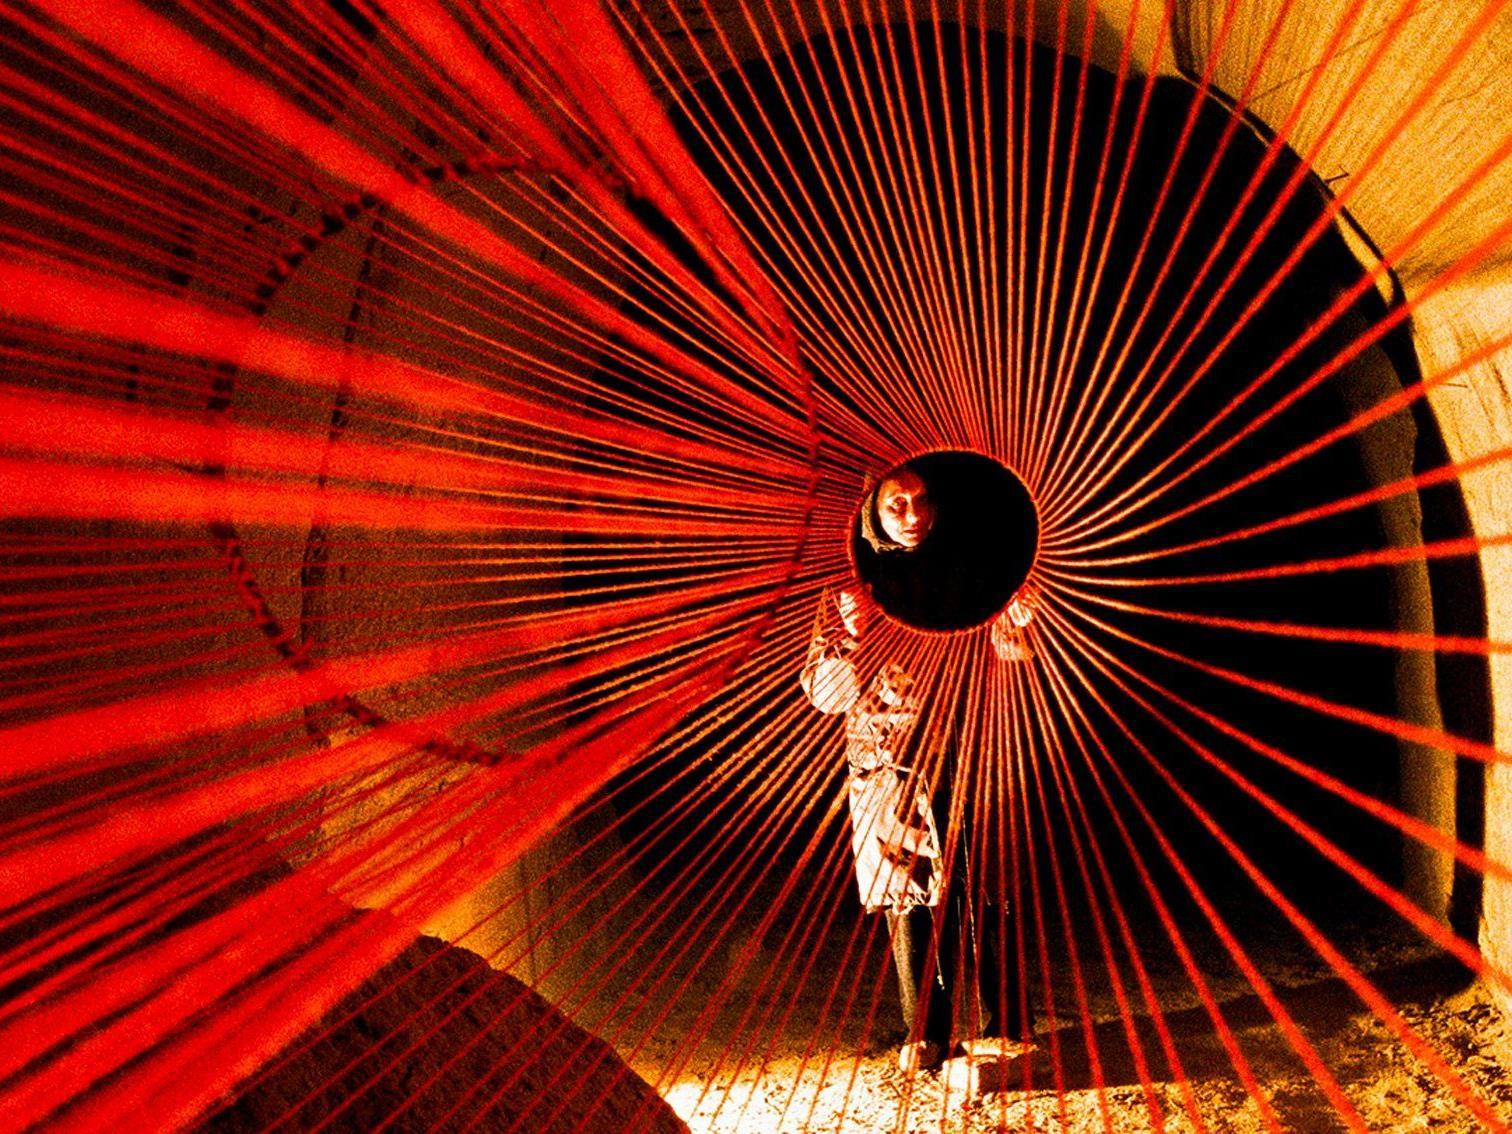 Viertelfestival NÖ - Weinviertel 2013 im Zeichen der Kunst und Kultur